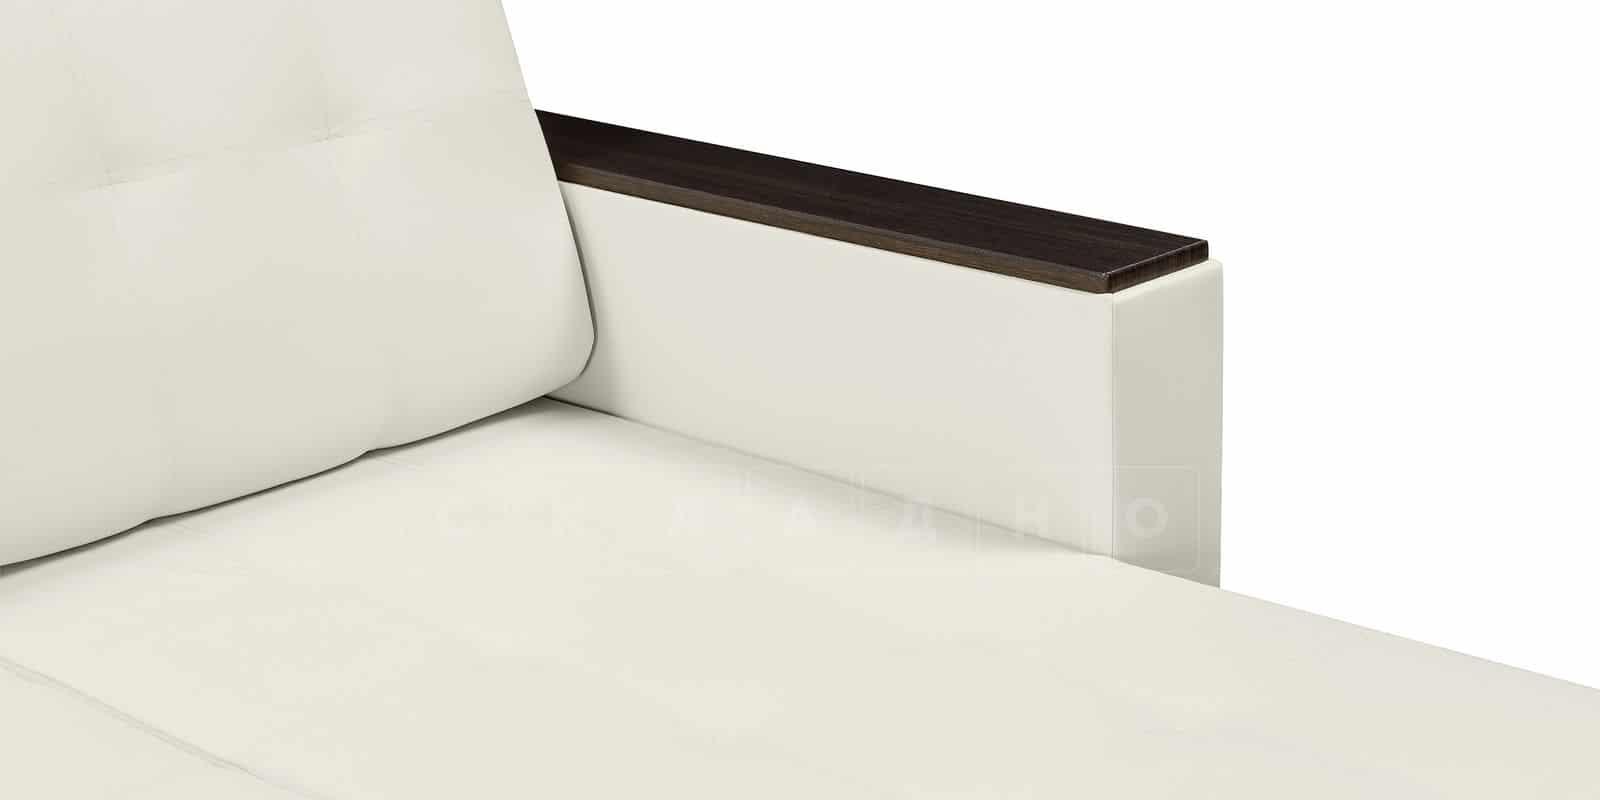 Угловой диван Атланта экокожа молочный фото 6   интернет-магазин Складно